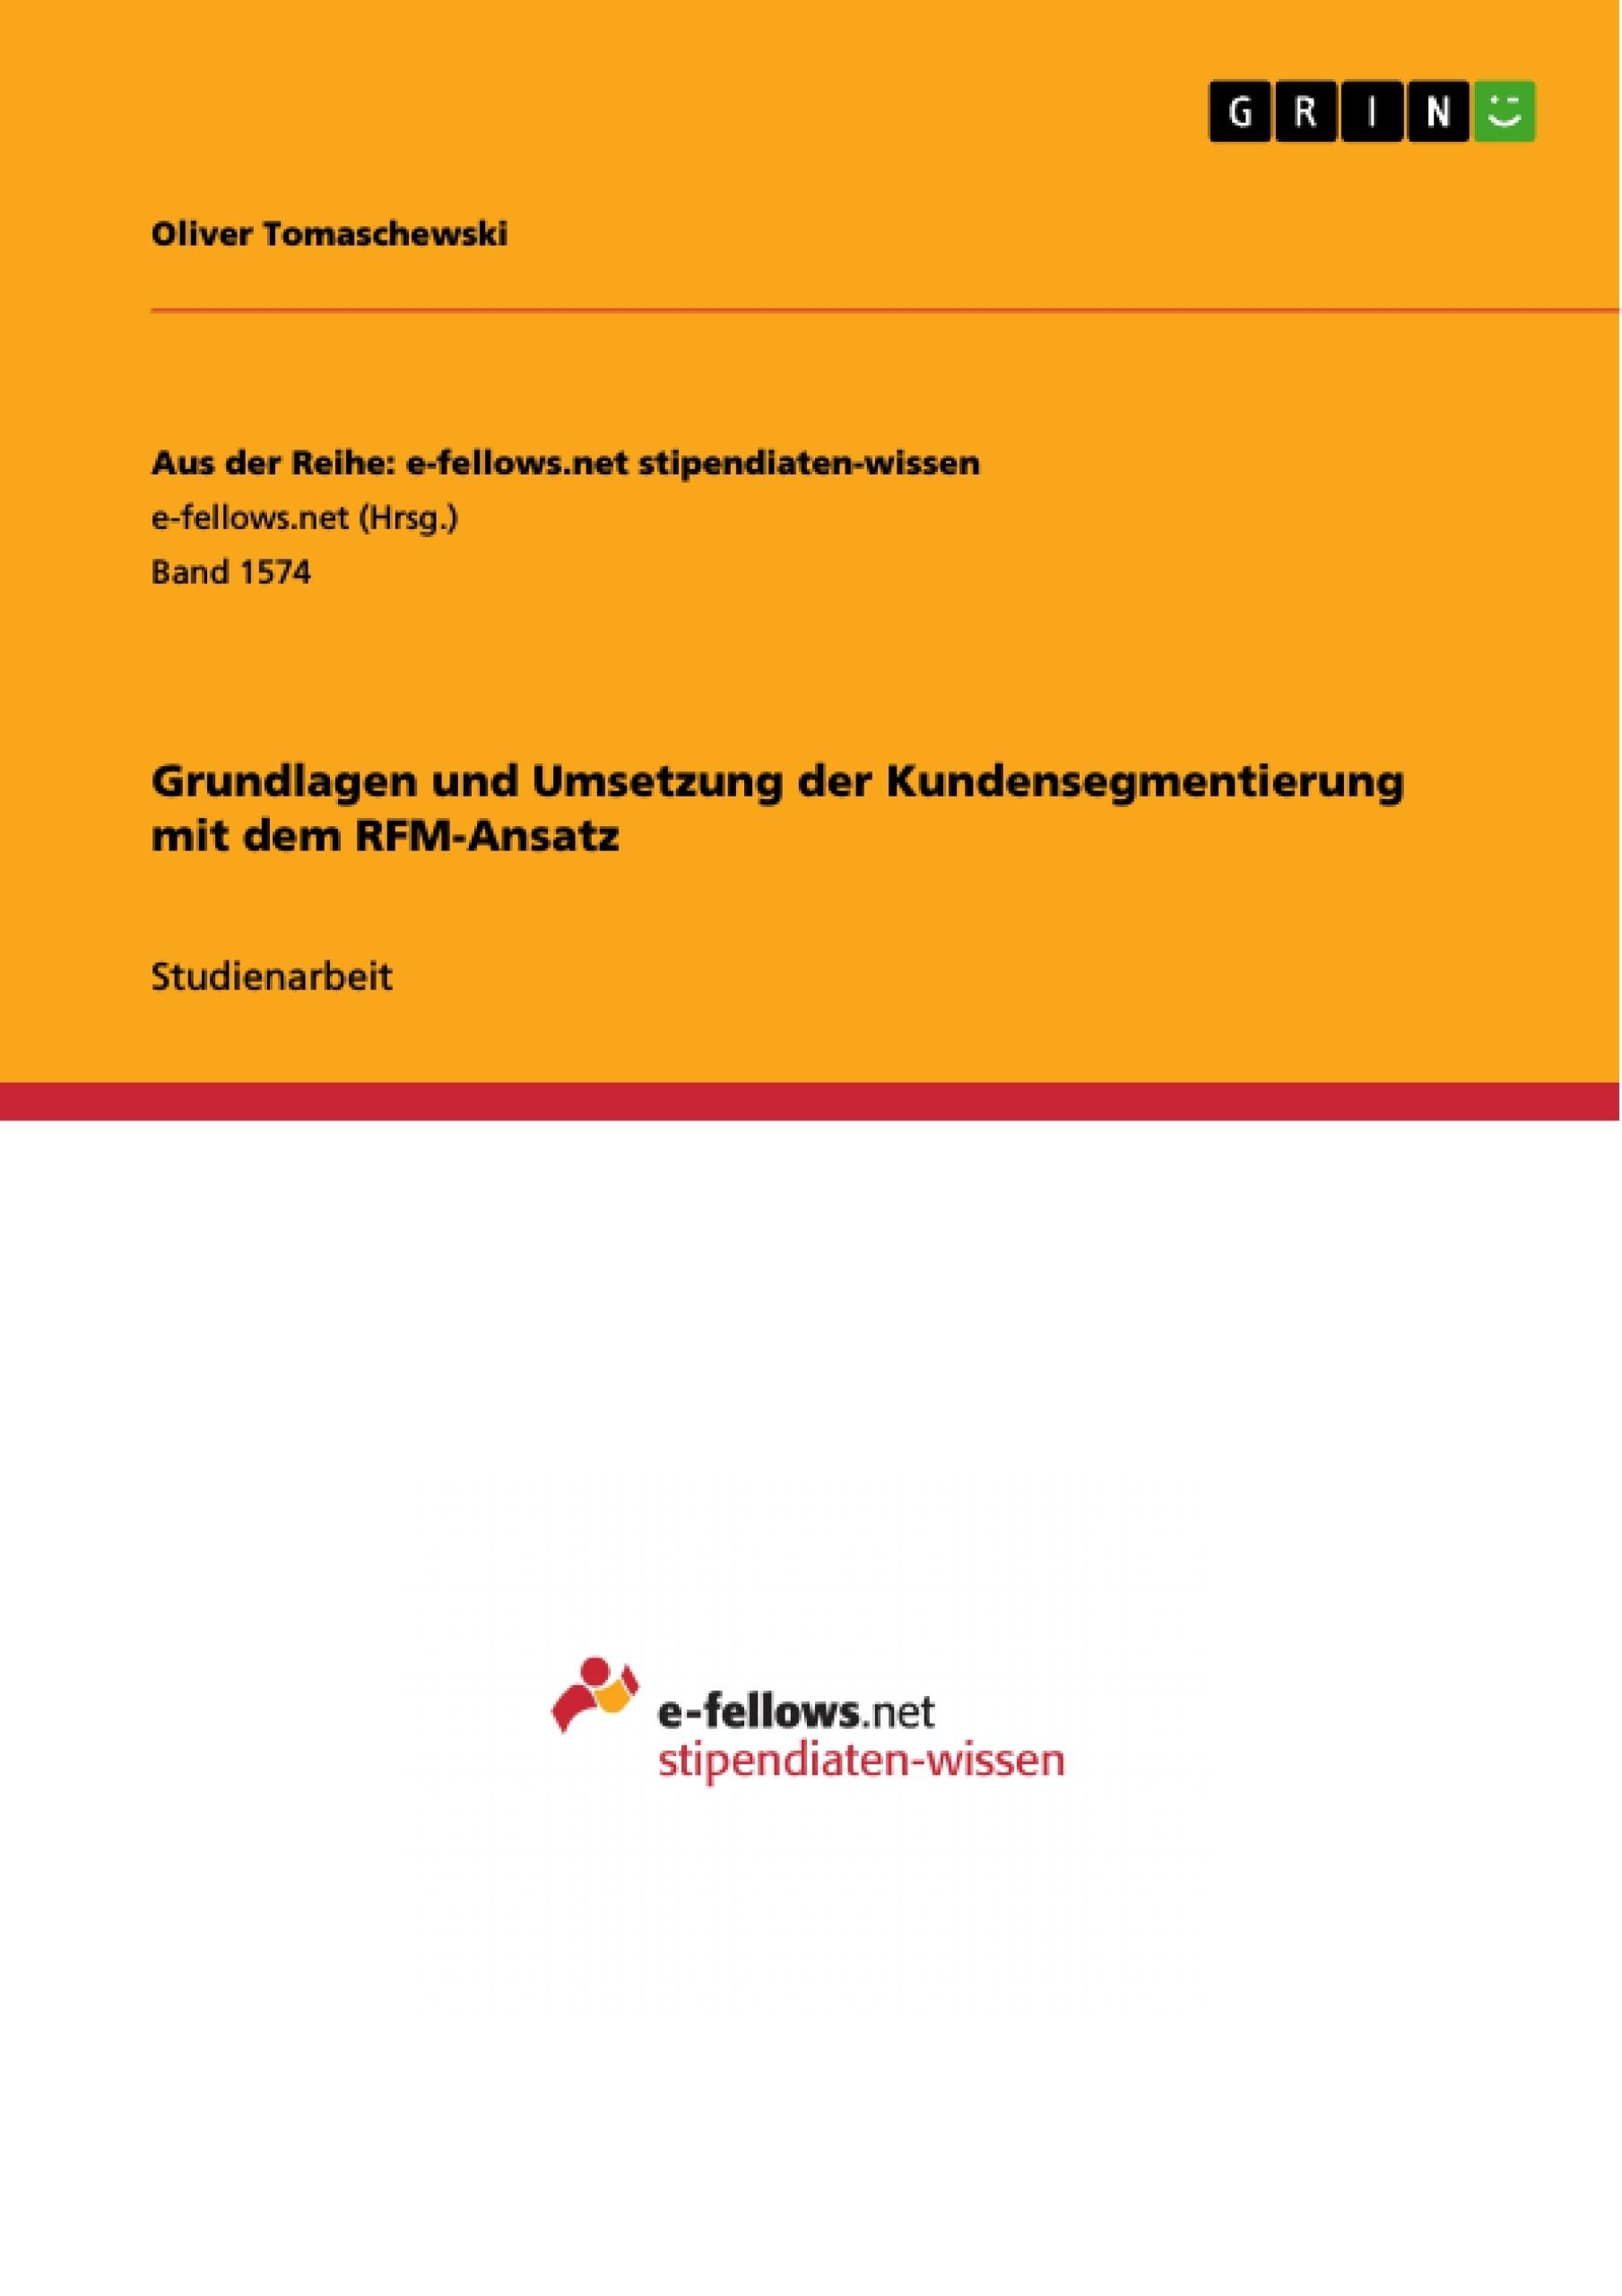 Titel: Grundlagen und Umsetzung der Kundensegmentierung mit dem RFM-Ansatz